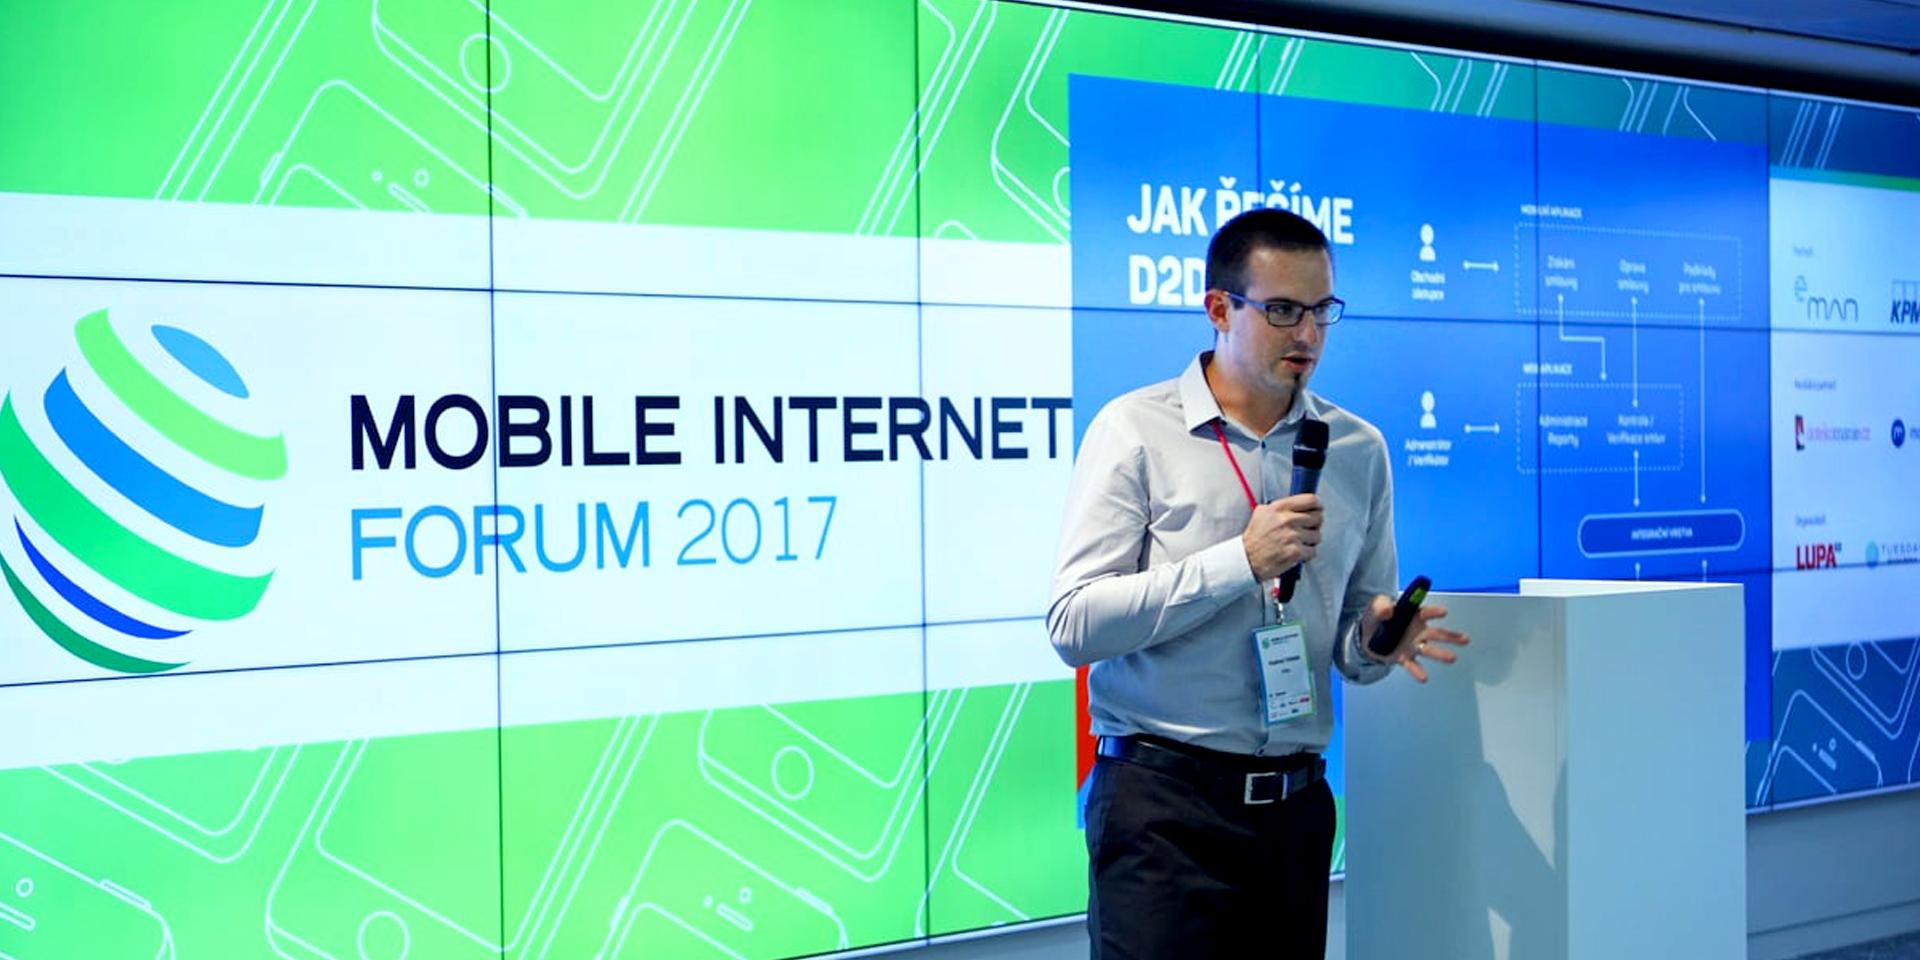 Vladimír Toman eMan Mobile Internet Forum